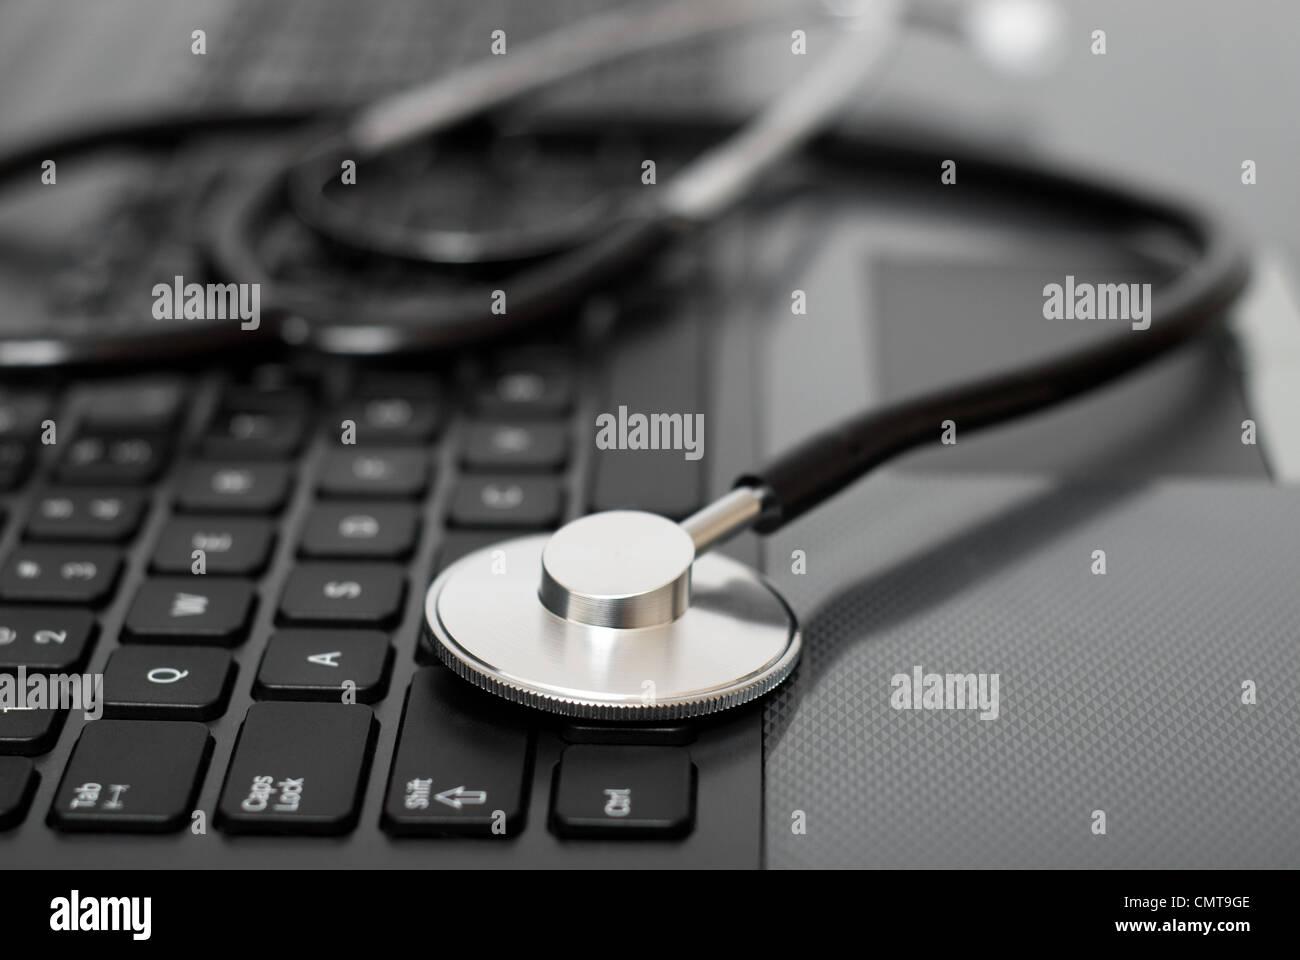 Estetoscopio en un teclado de ordenador. Imagen De Stock